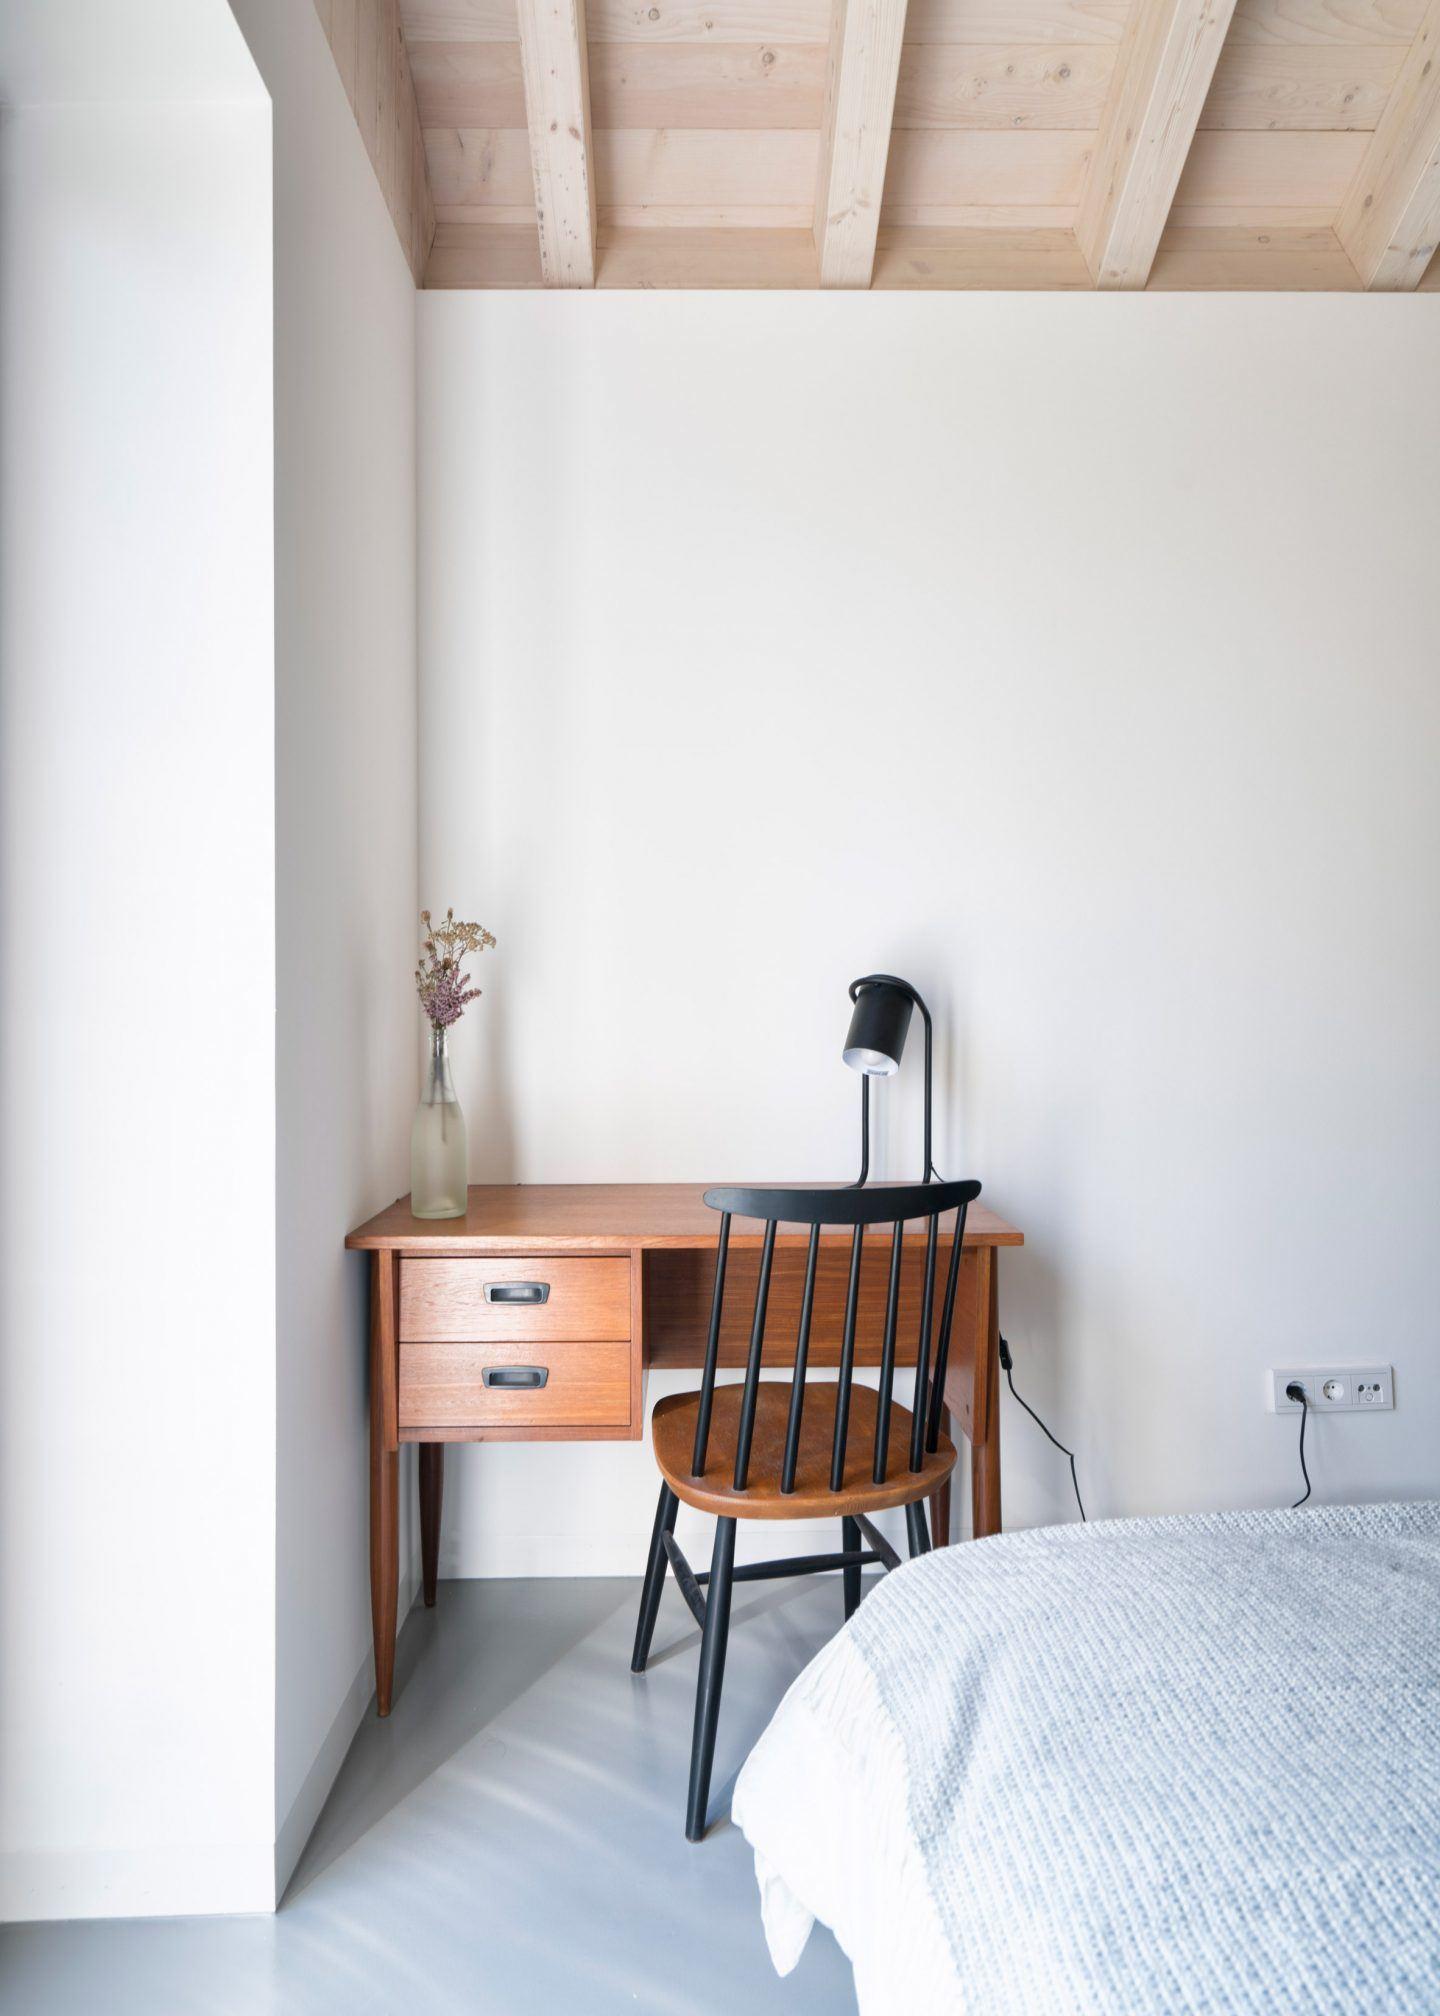 IGNANT-Architecture-Laura-Alvarez-Villa-Slow-19